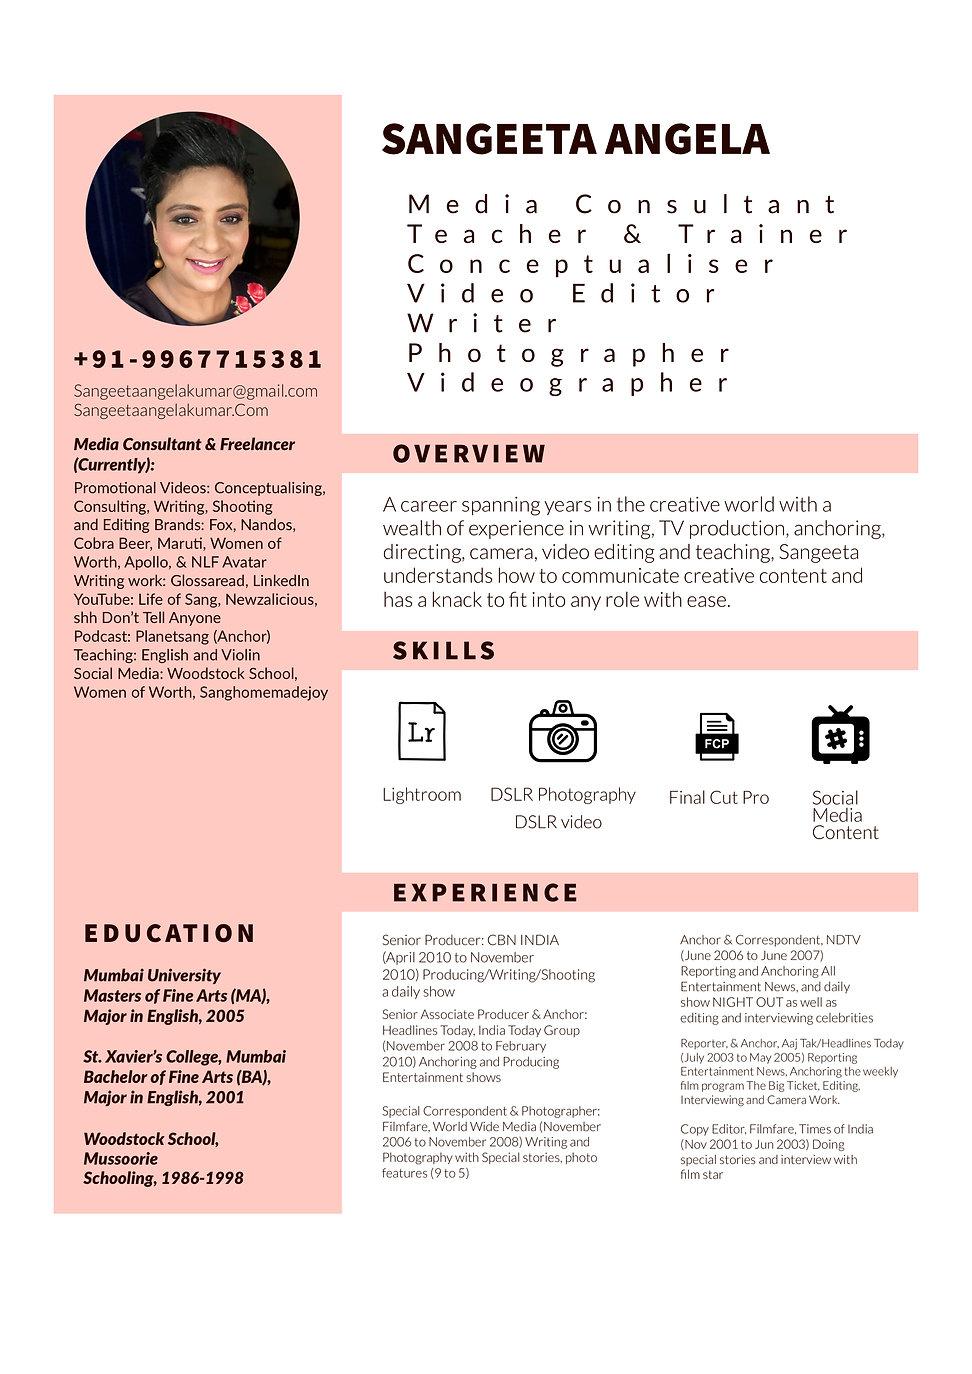 Sangeeta 2020 CV.jpg